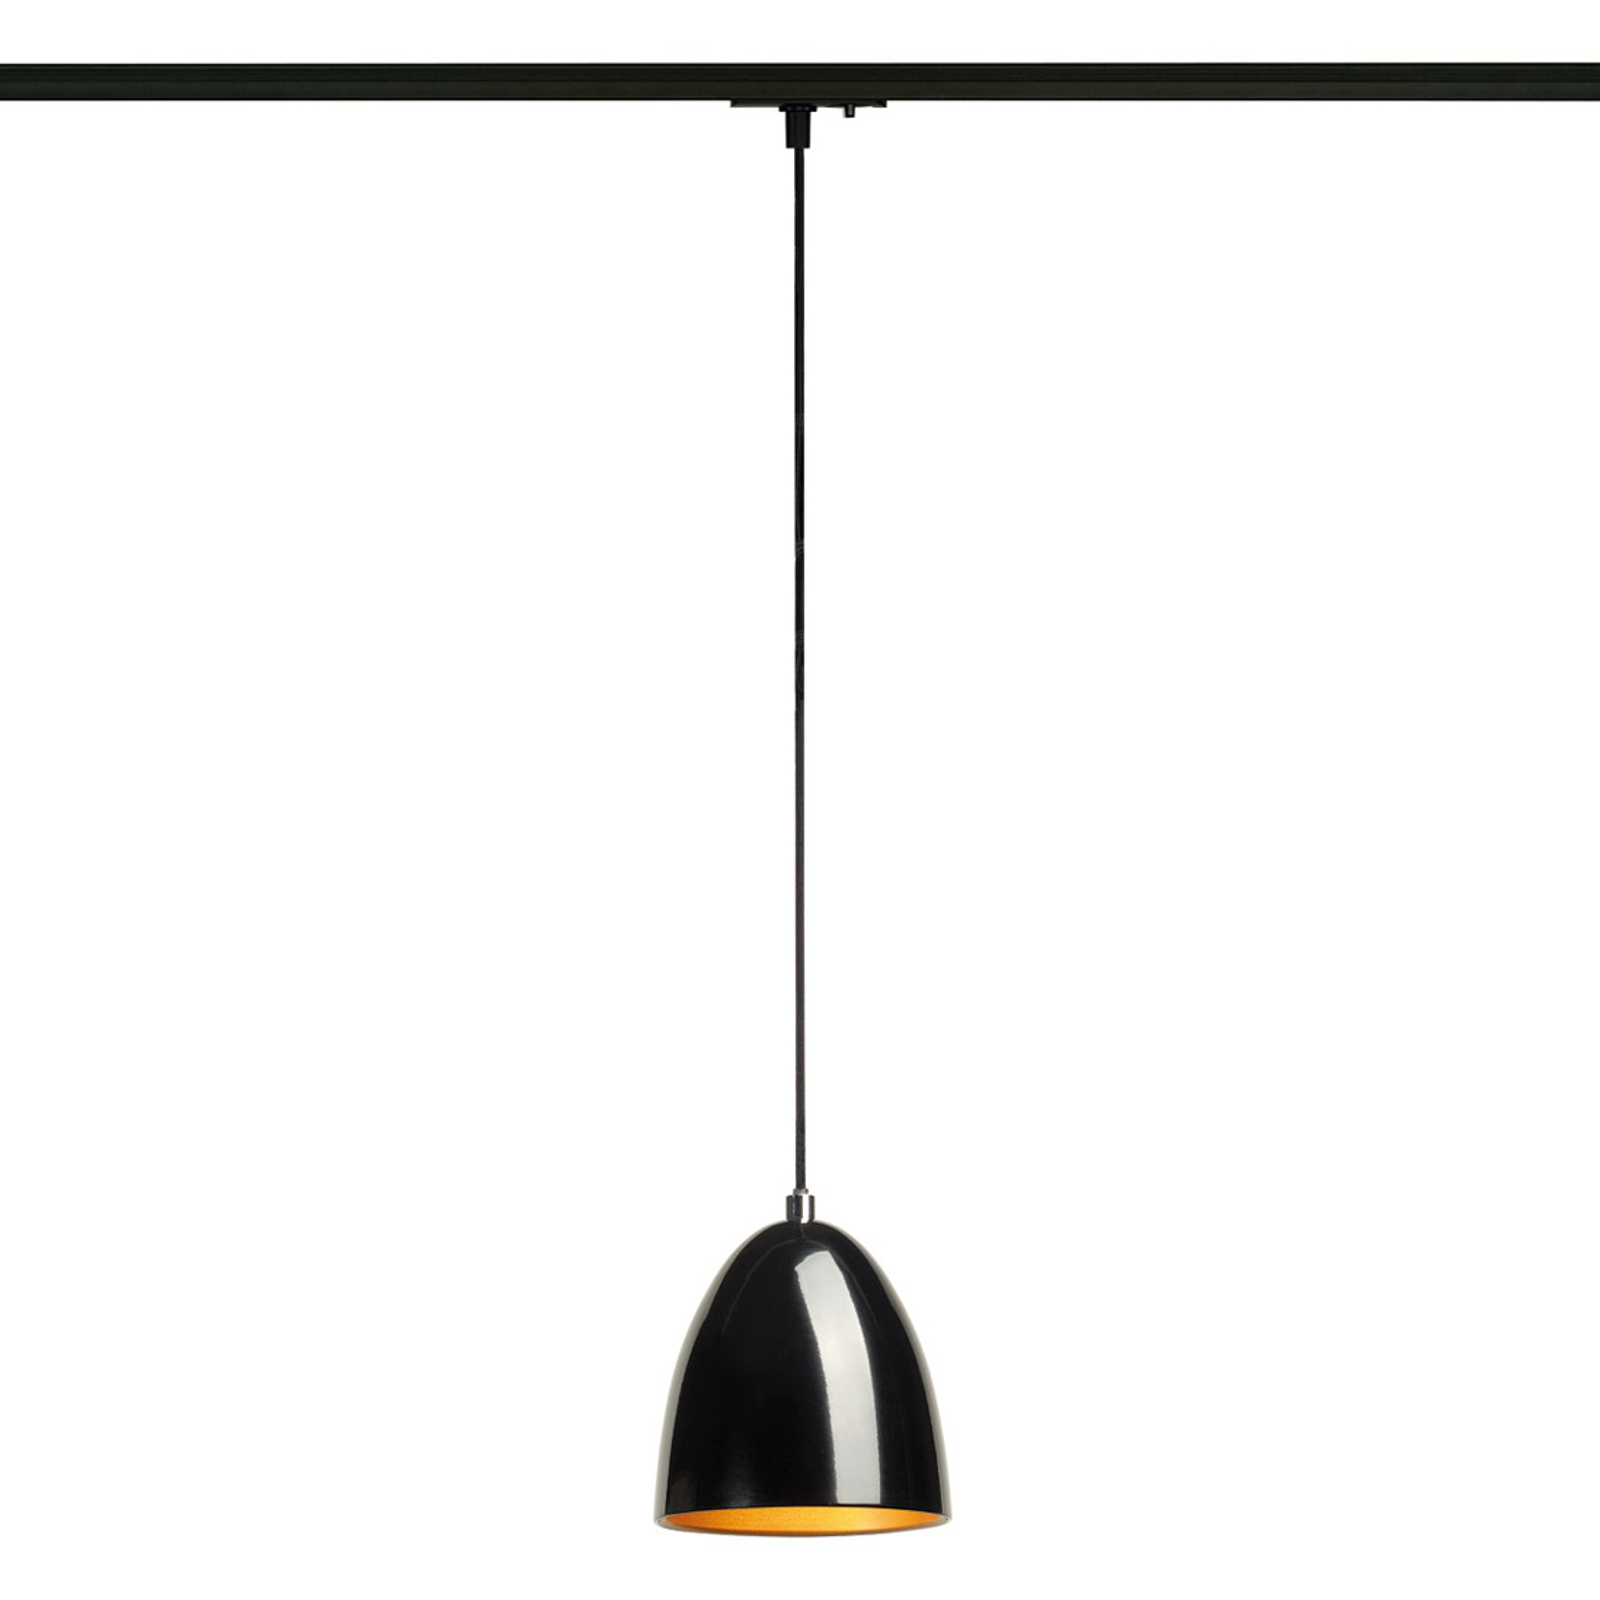 SLV Para Cone lampa wisząca 1-fazowa czarny/złoty